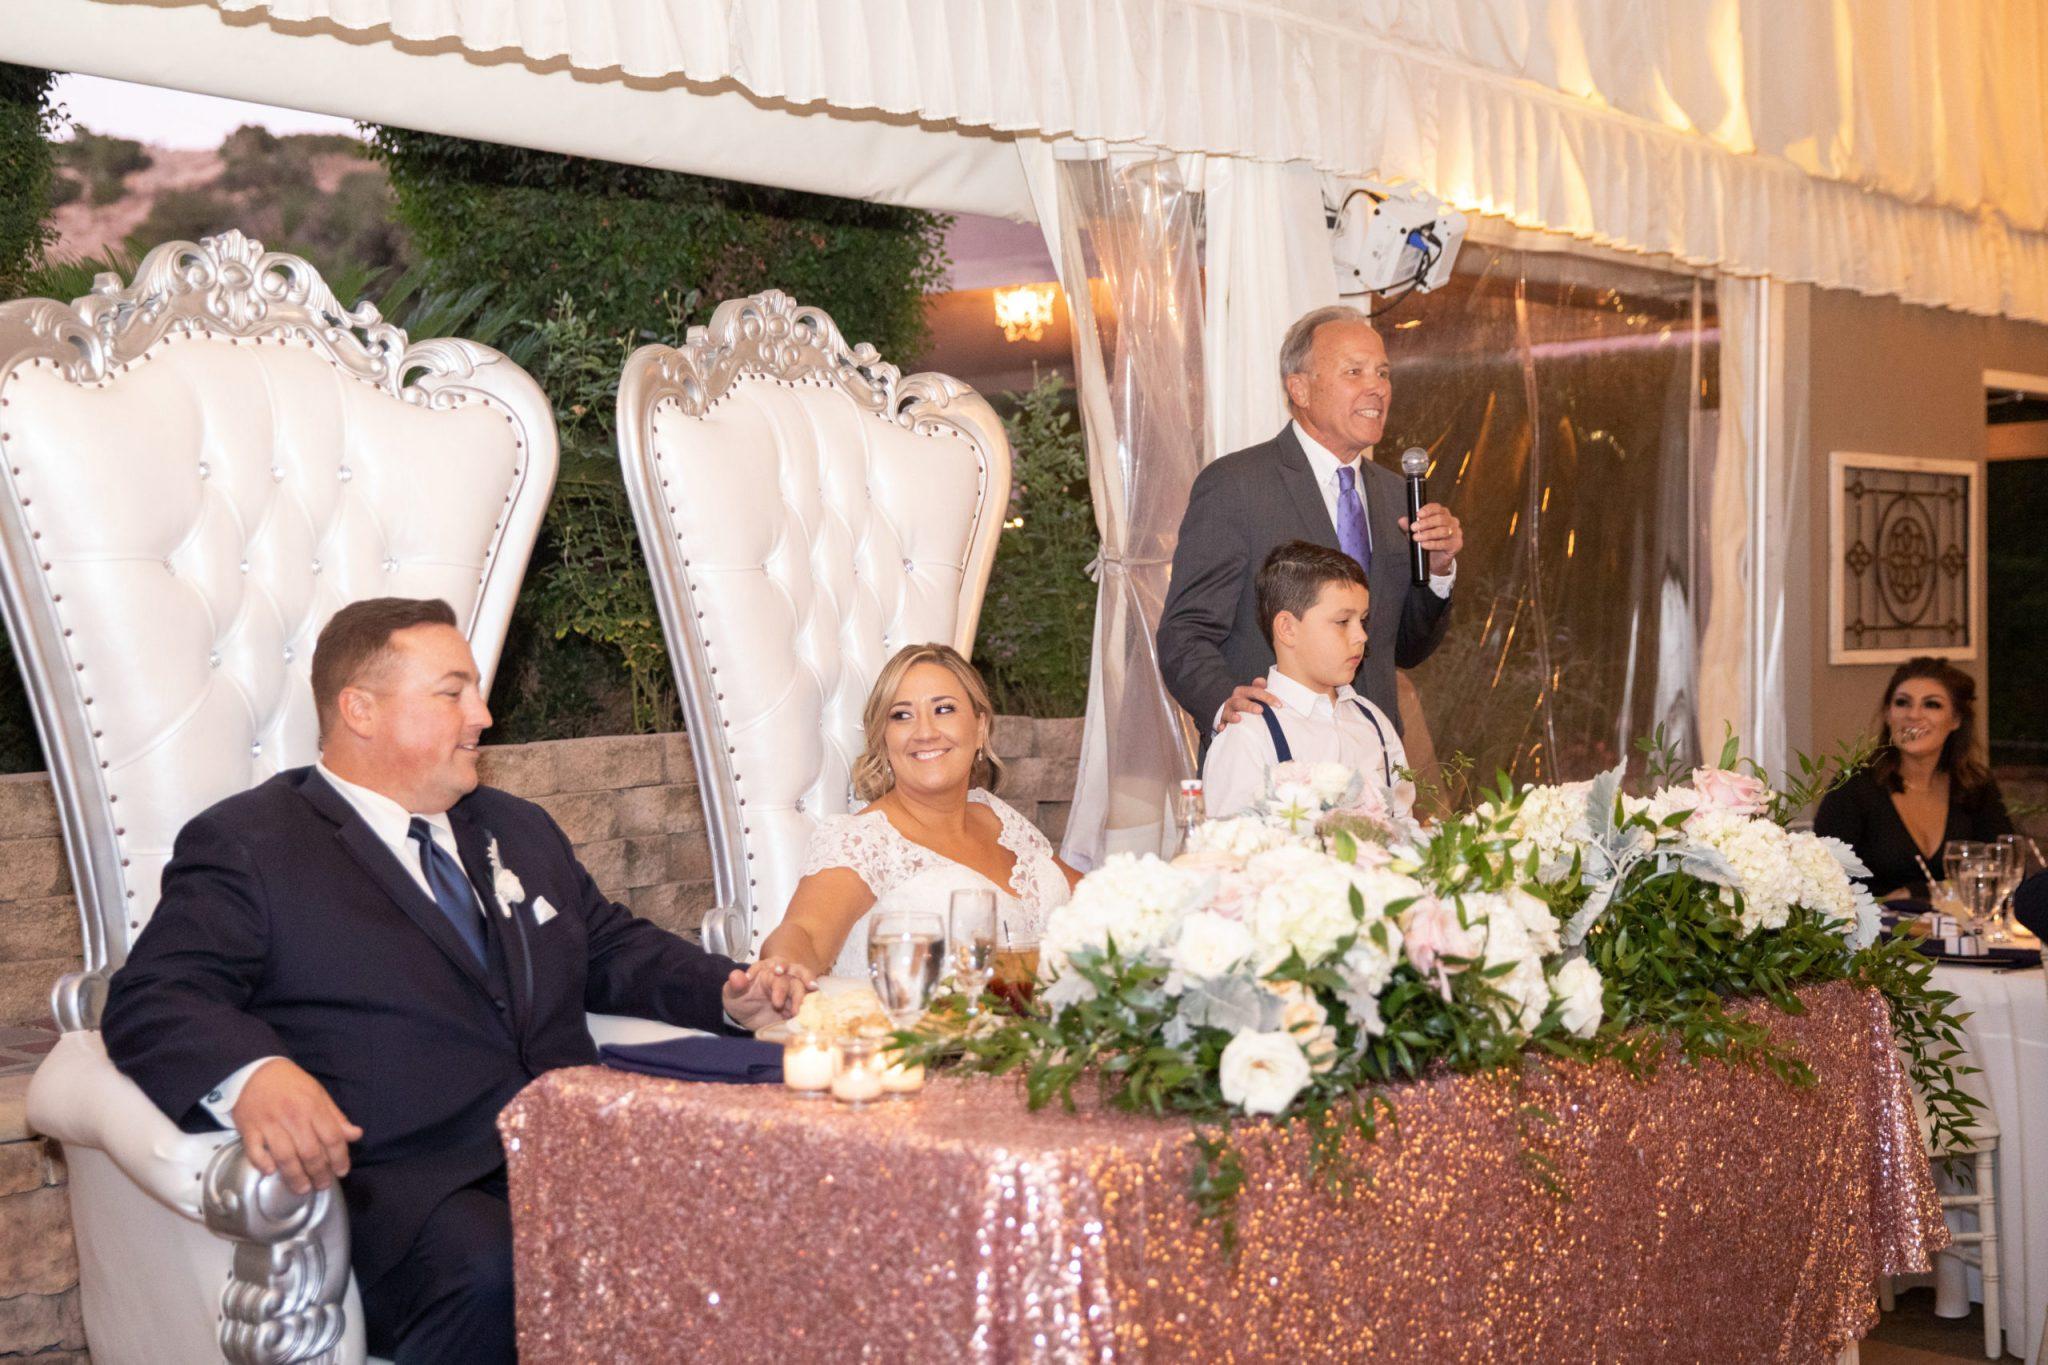 Matt Chrissy Wedding 5089 scaled